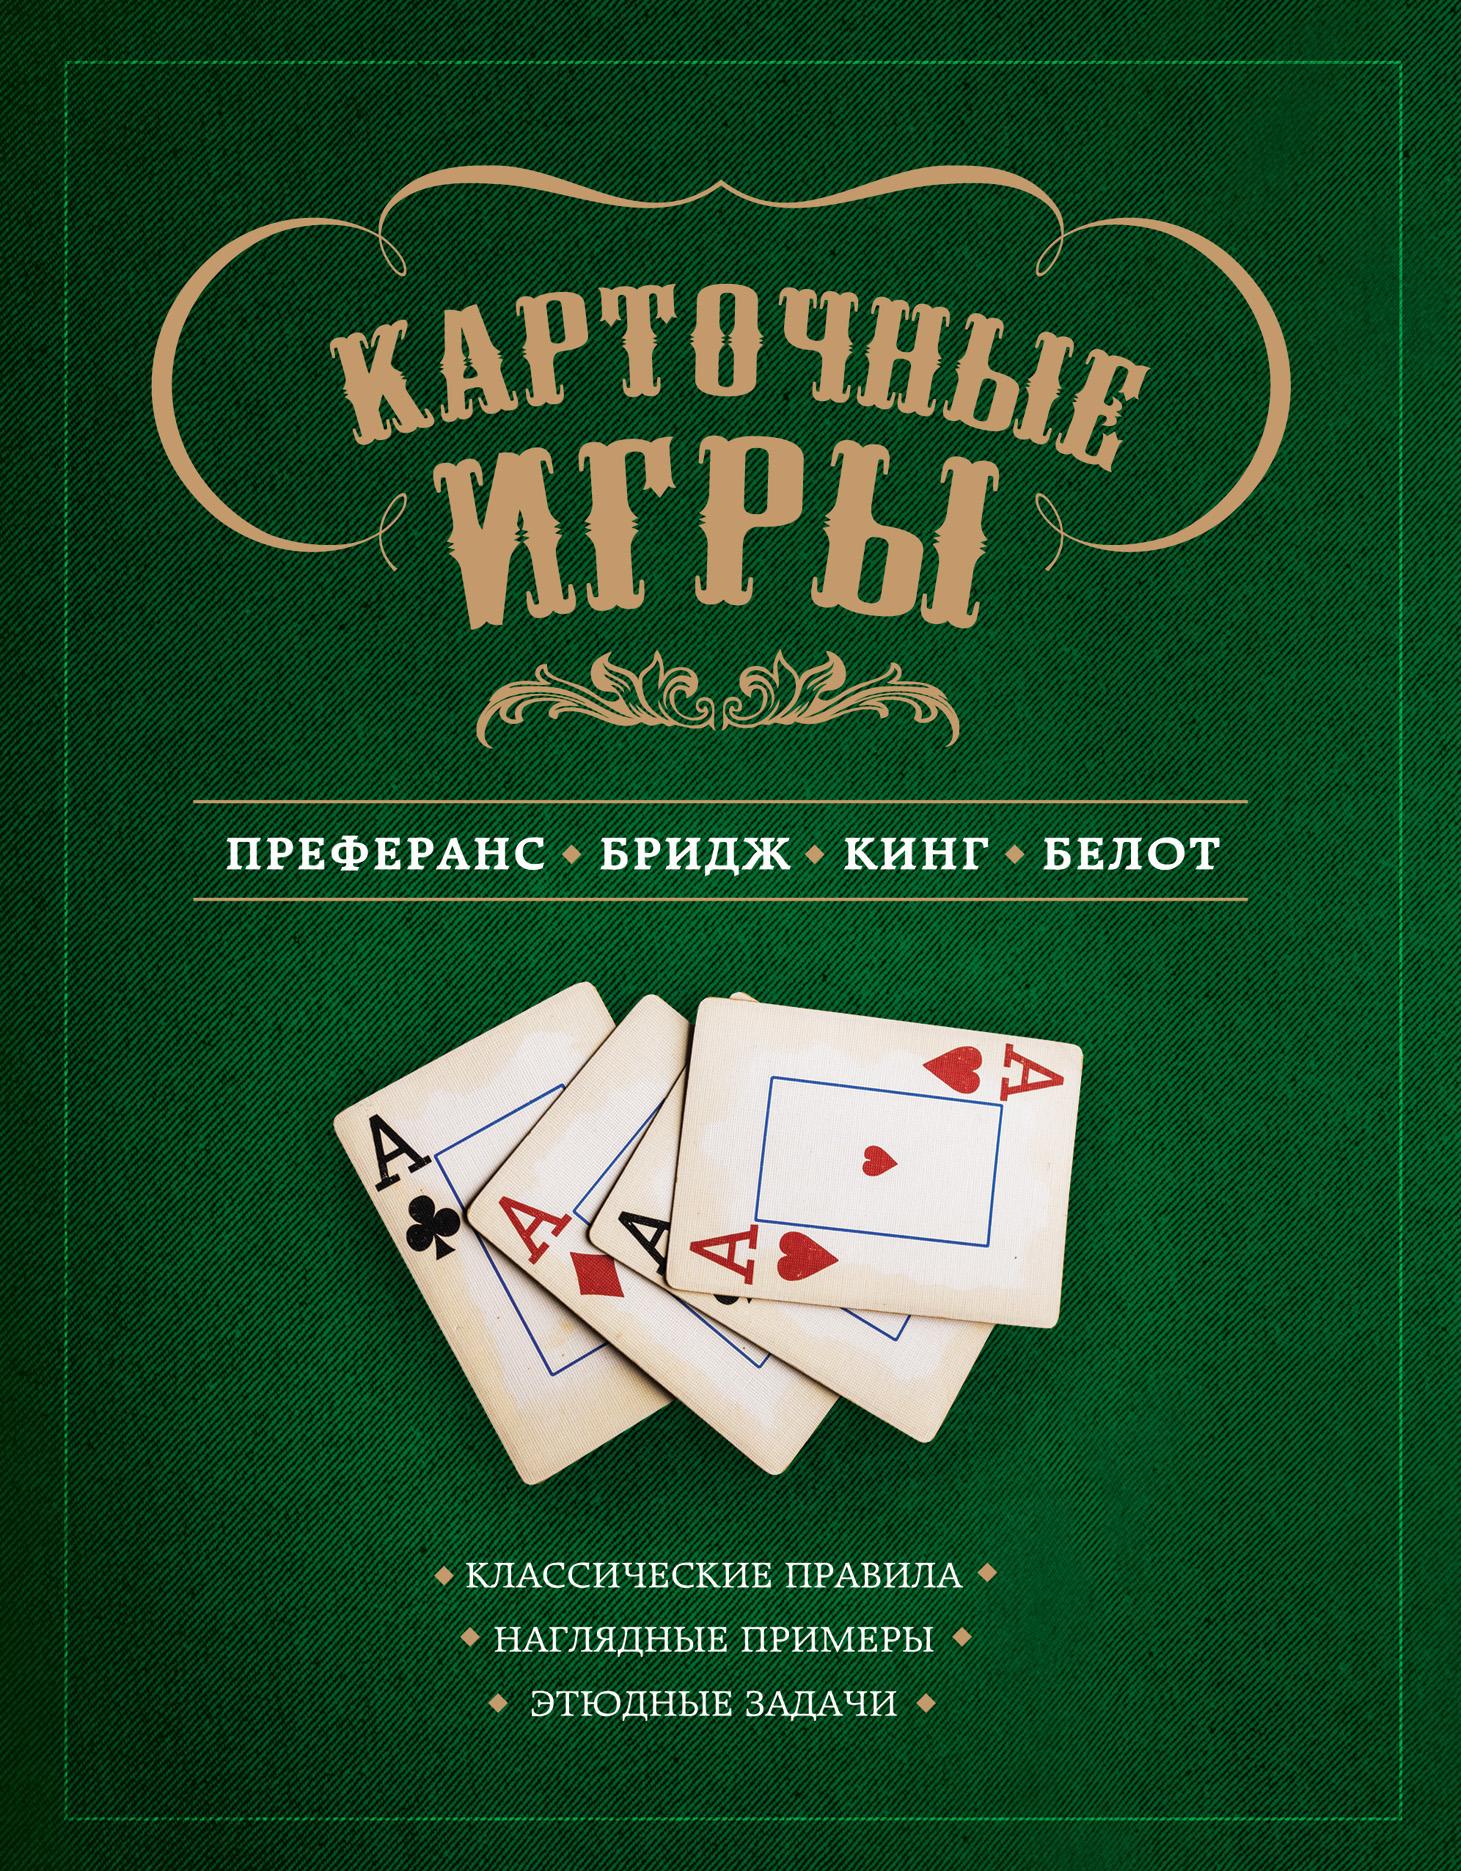 Карточные игры. Преферанс, бридж, кинг и белот